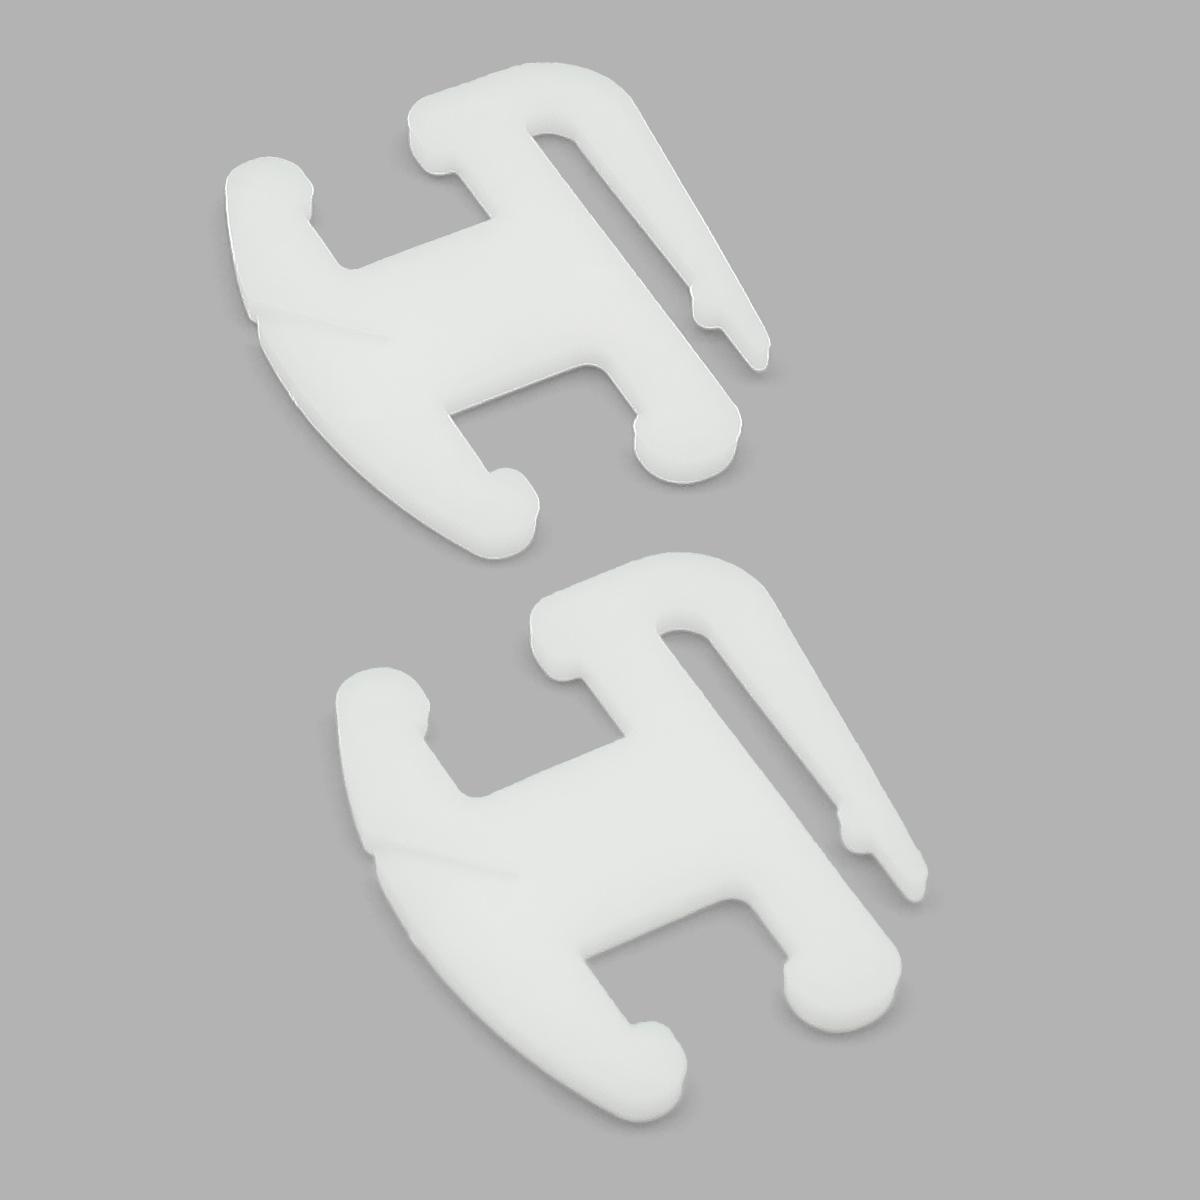 Фиксатор для шнура пластмассовый 06-068